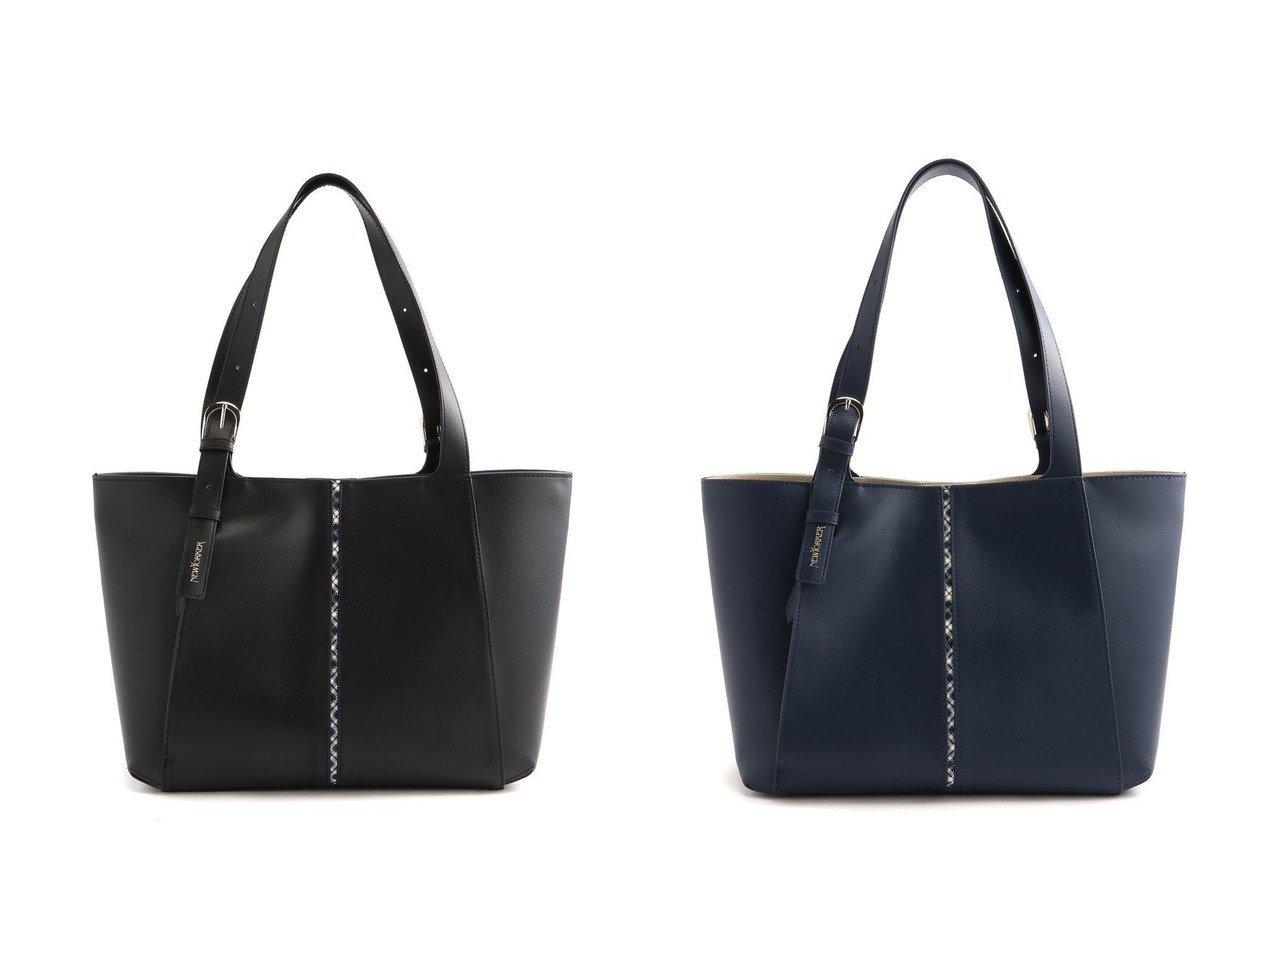 【NEWYORKER ACCESSORY/ニューヨーカー アクセサリー】のニューノーマルビジネス トート 【バッグ・鞄】おすすめ!人気、トレンド・レディースファッションの通販 おすすめで人気の流行・トレンド、ファッションの通販商品 インテリア・家具・メンズファッション・キッズファッション・レディースファッション・服の通販 founy(ファニー) https://founy.com/ ファッション Fashion レディースファッション WOMEN バッグ Bag ショルダー チェック トートバック フォルム ポケット |ID:crp329100000049433